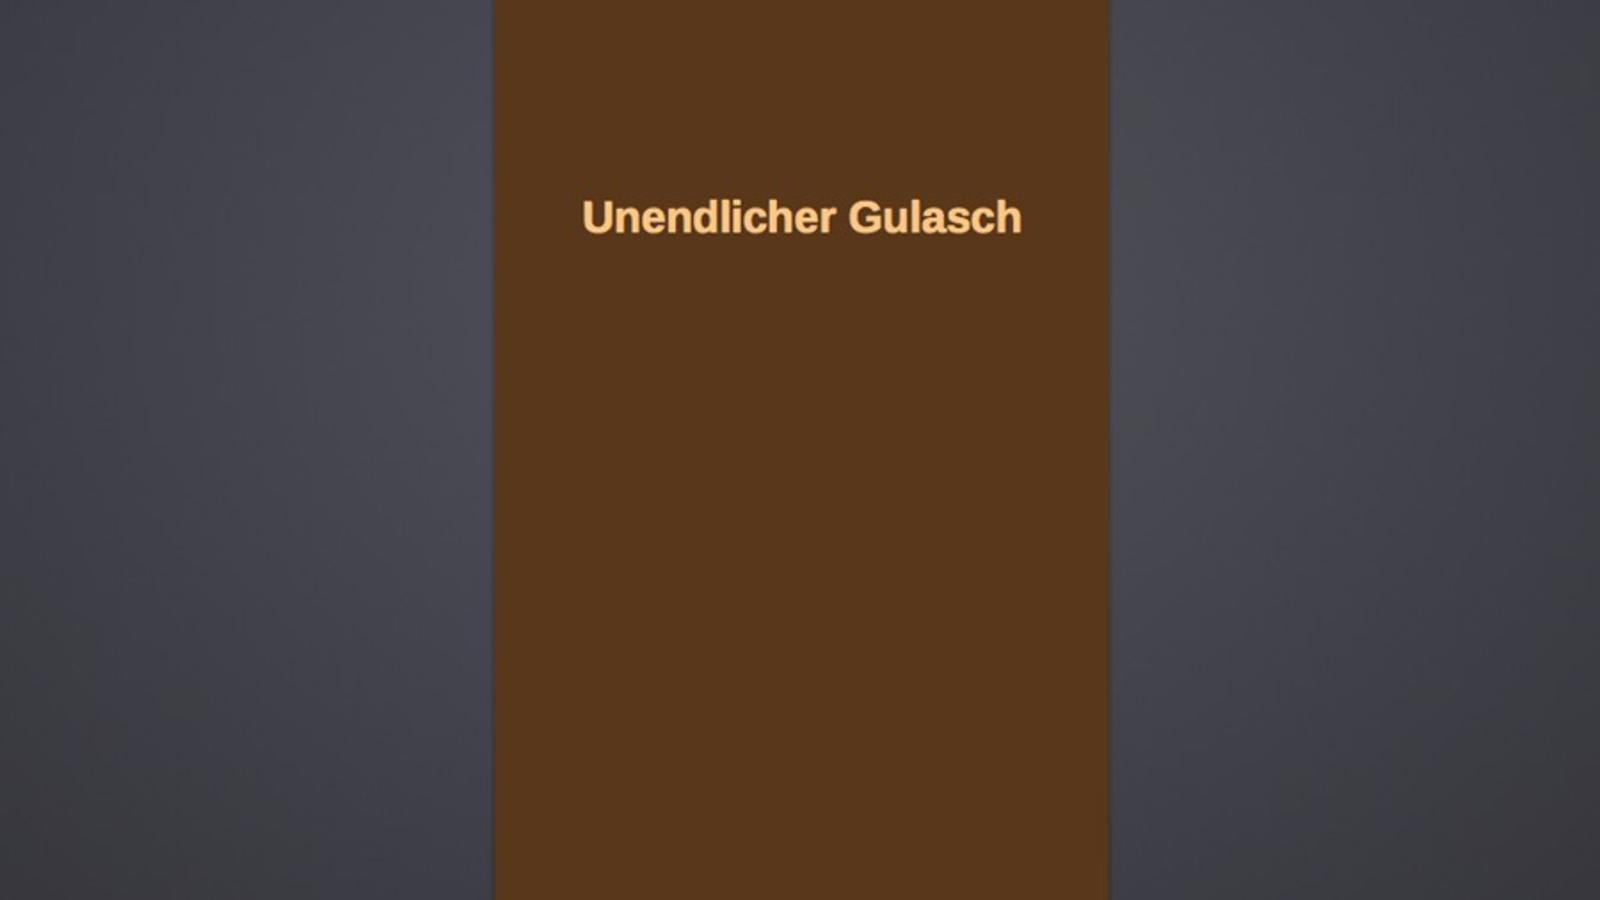 Unendlicher Gulasch